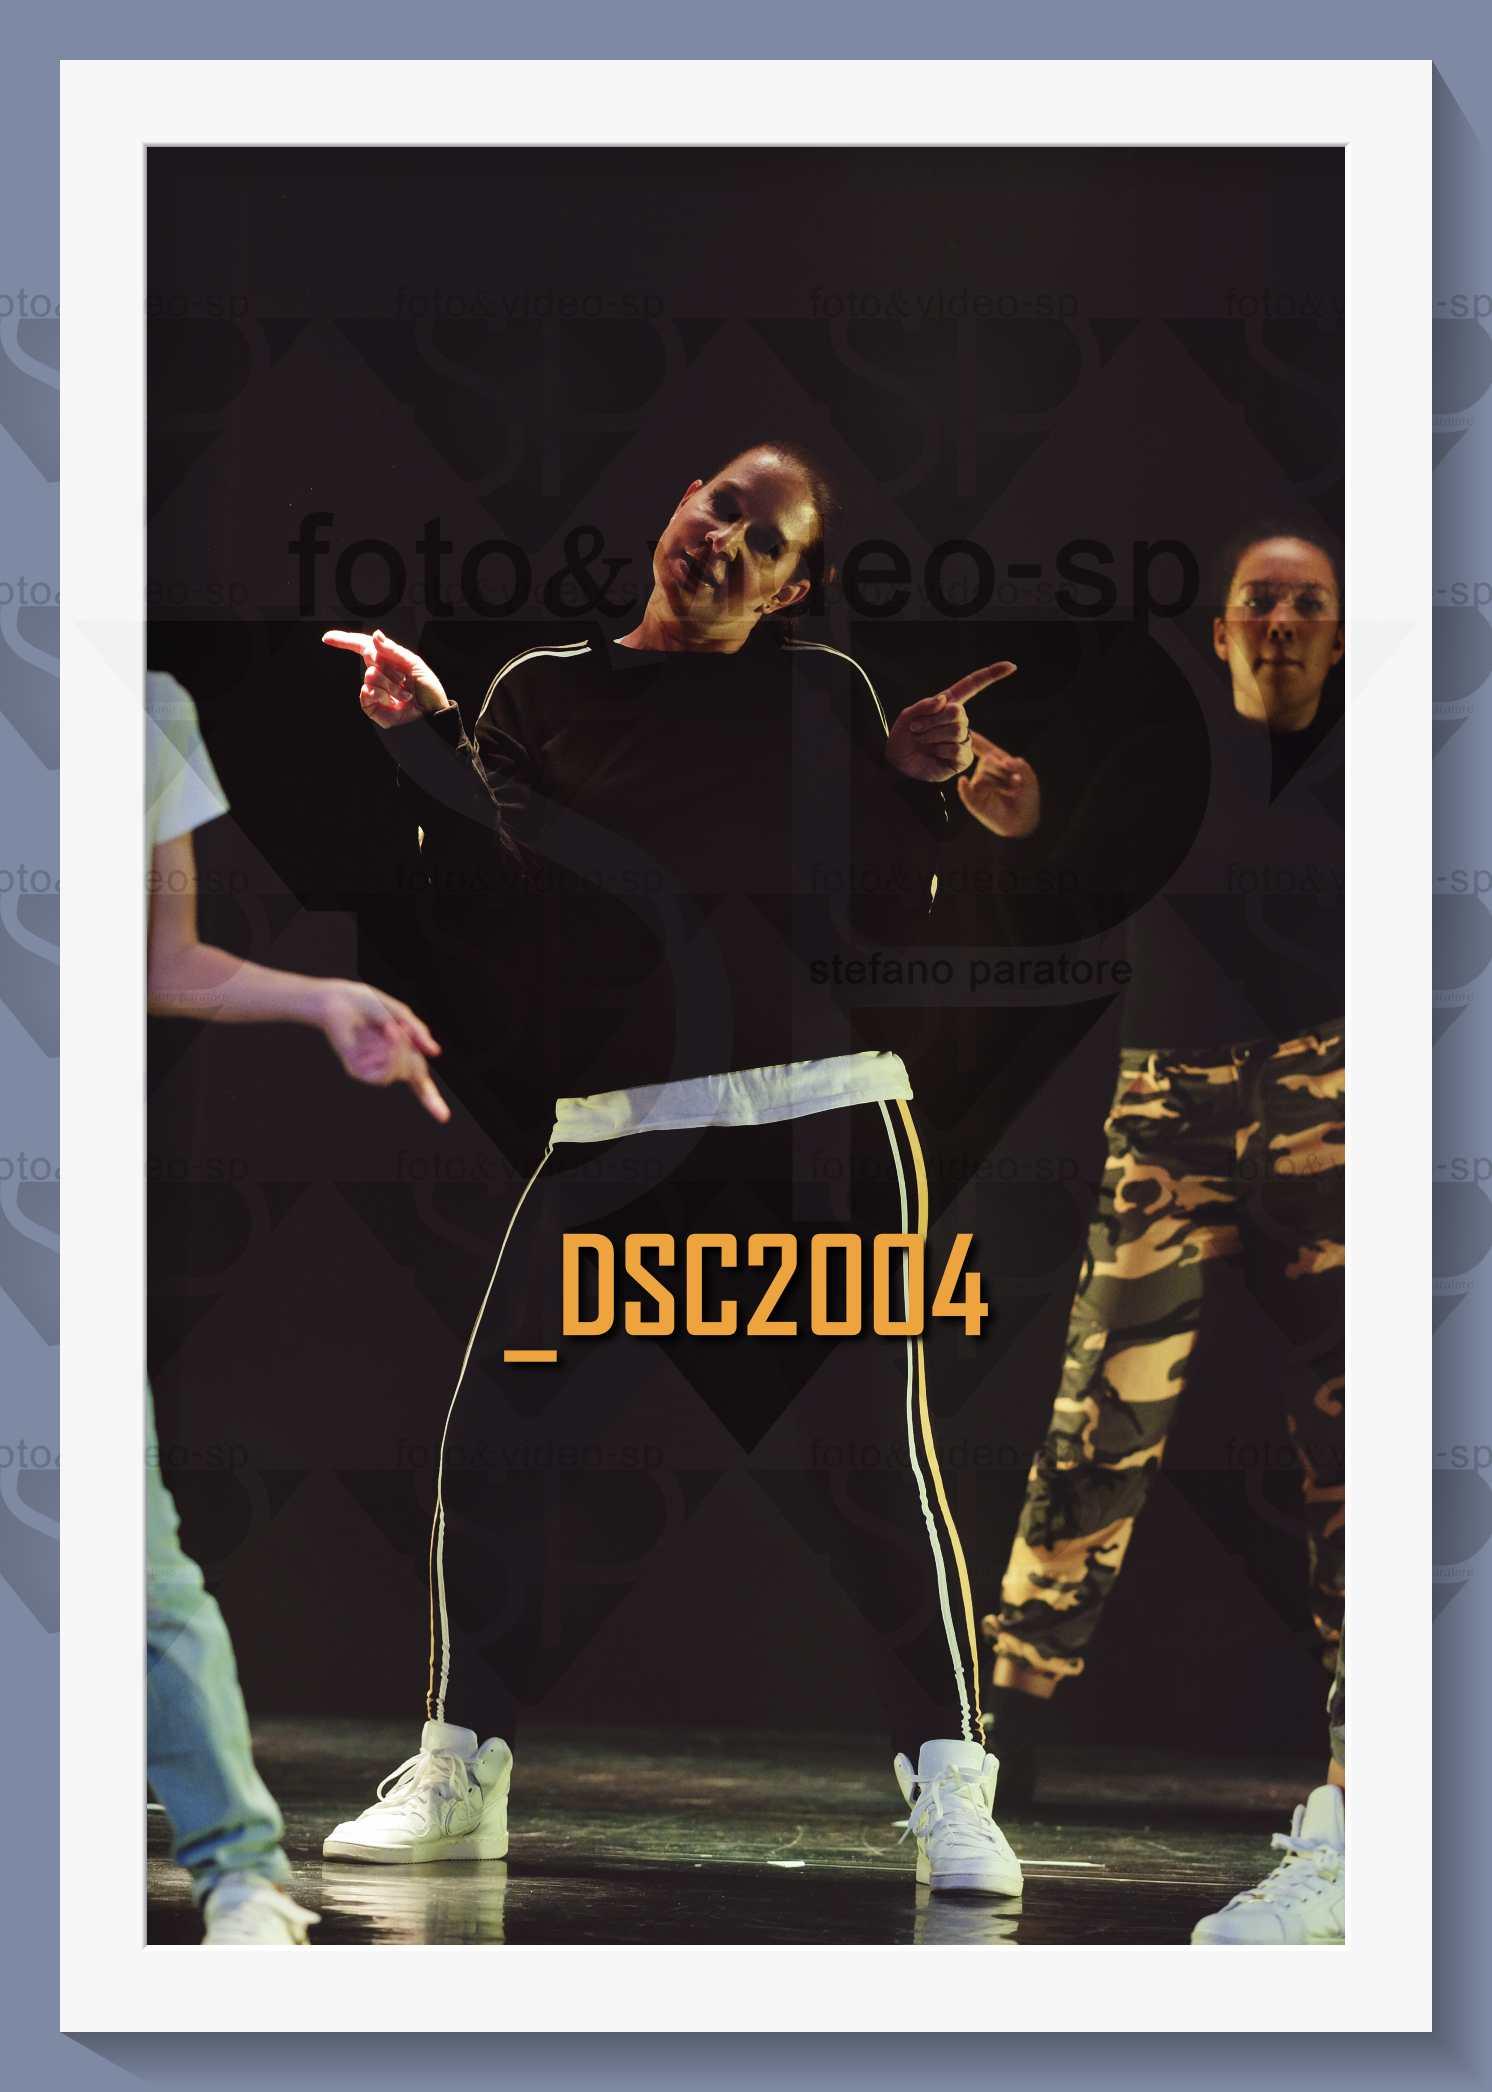 DSC2004